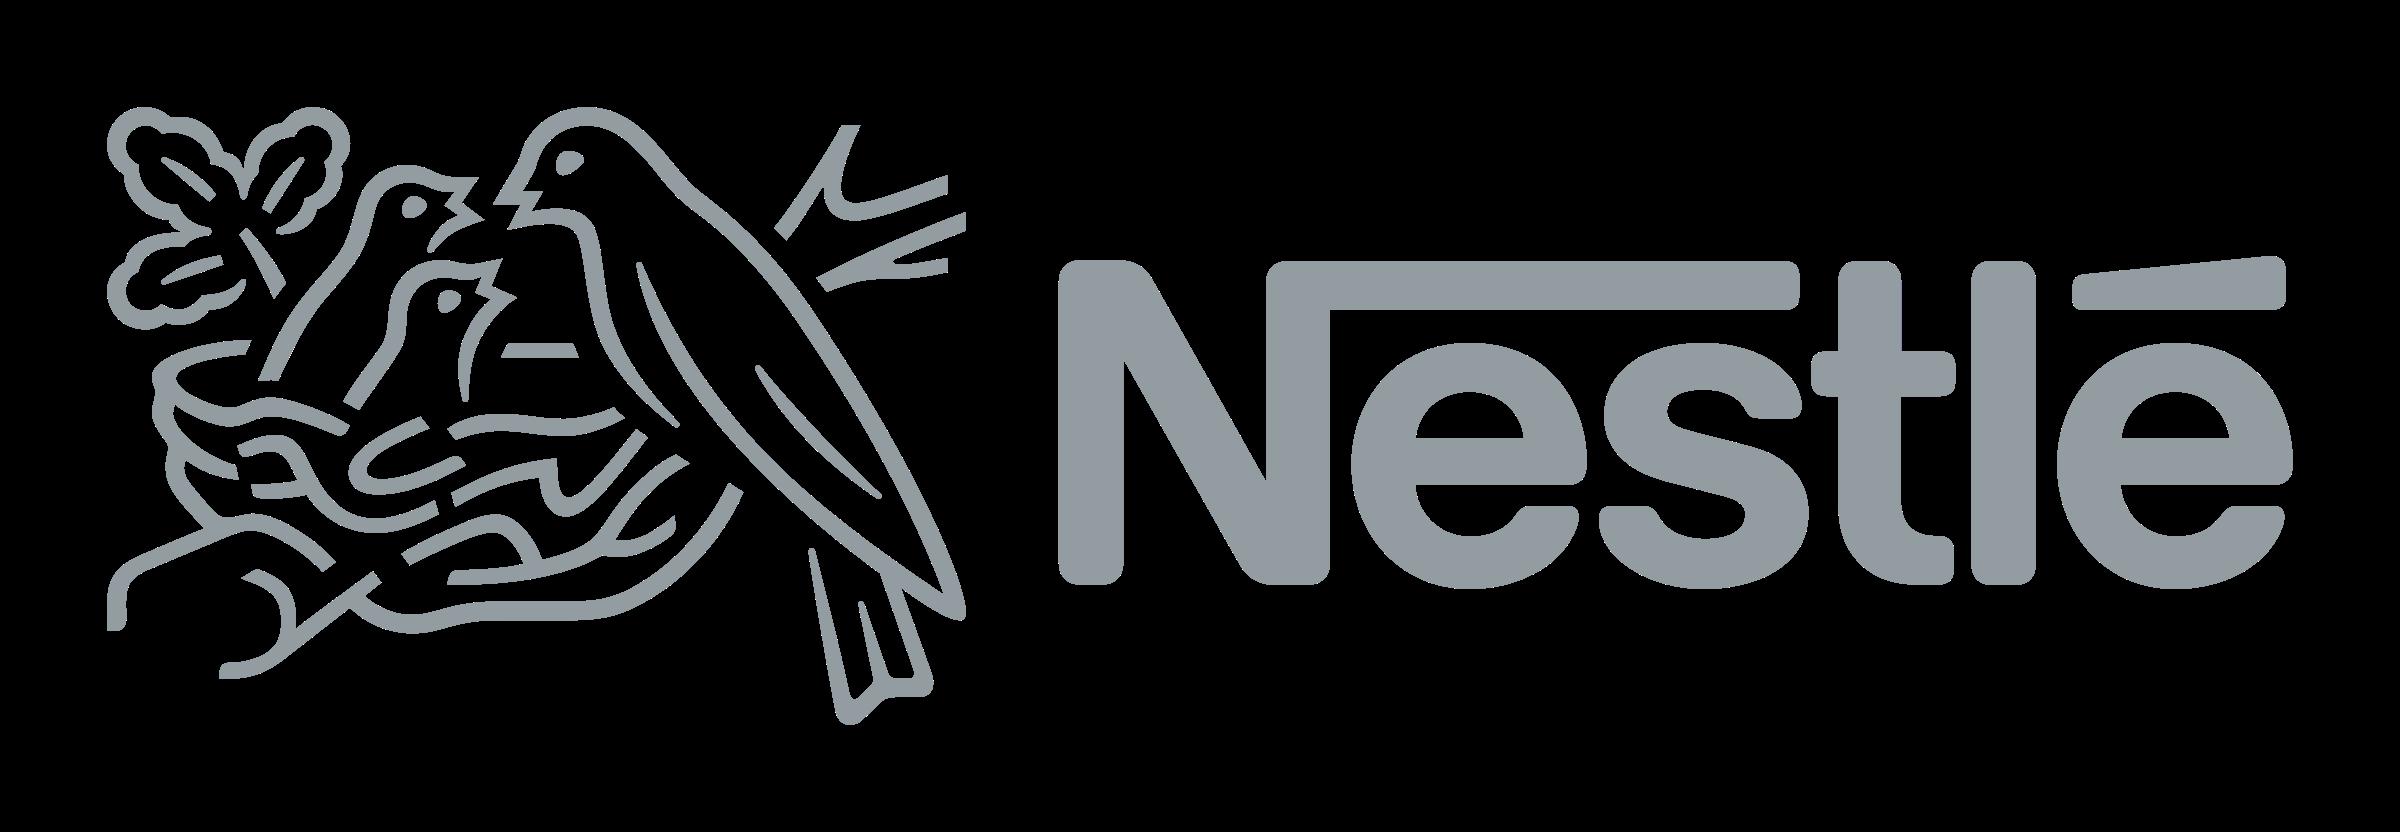 Nestle Diversity & Inclusion